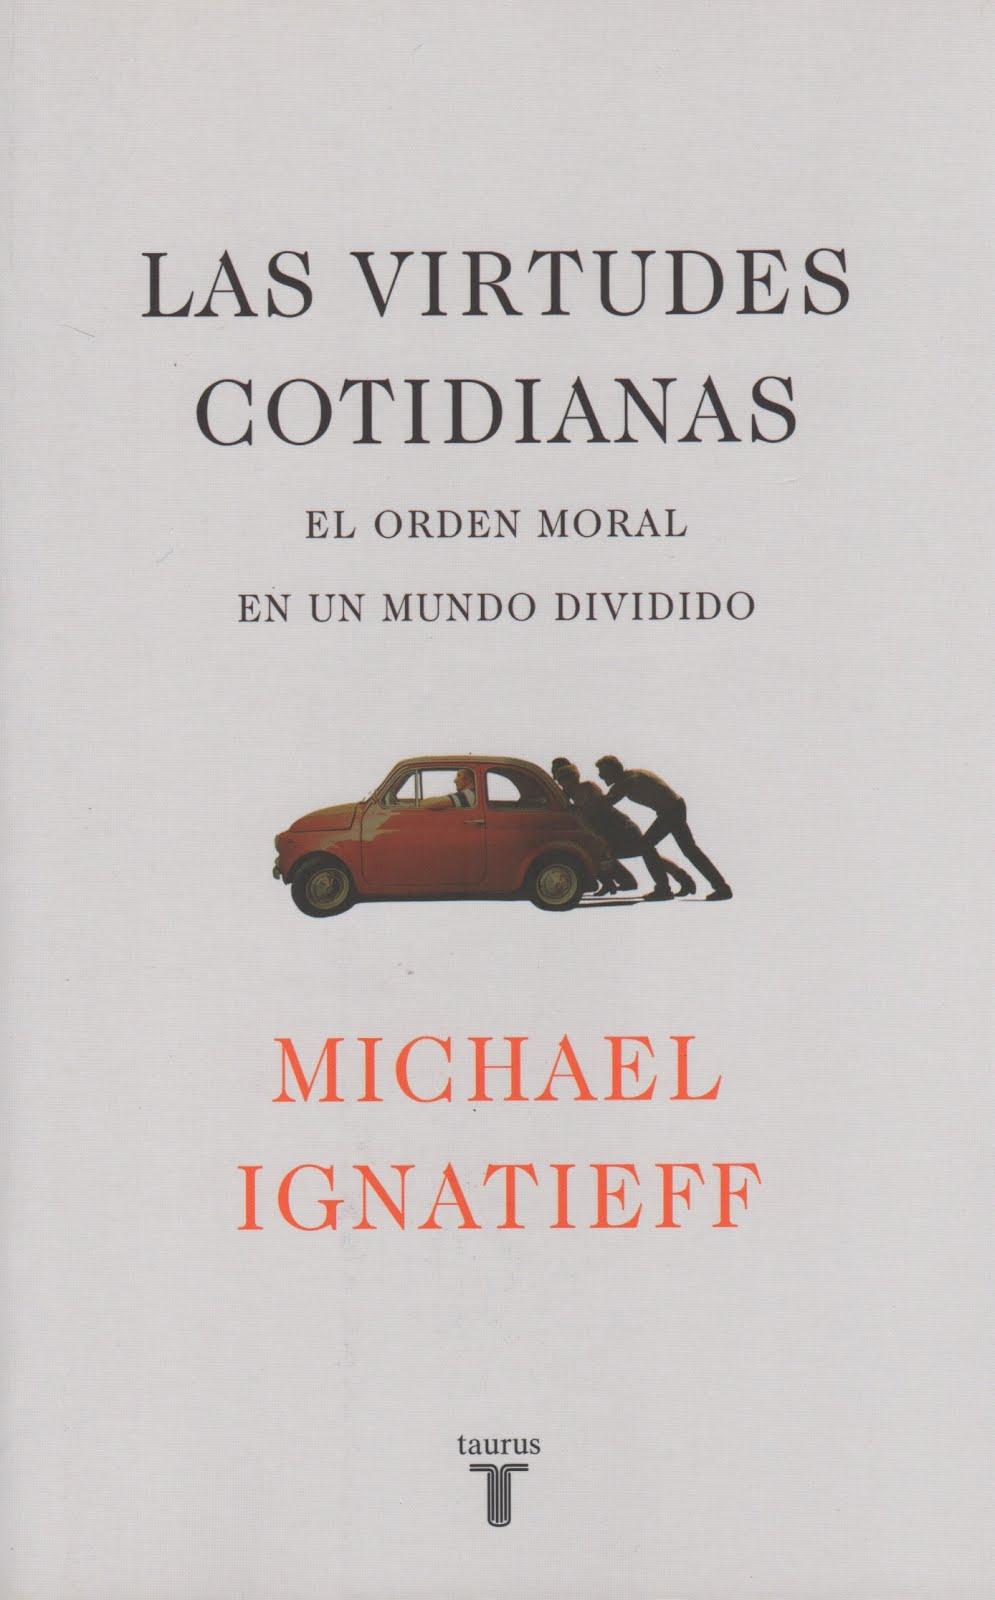 Michael Ignatieff (Las virtudes cotidianas) El orden moral en un mundo dividido